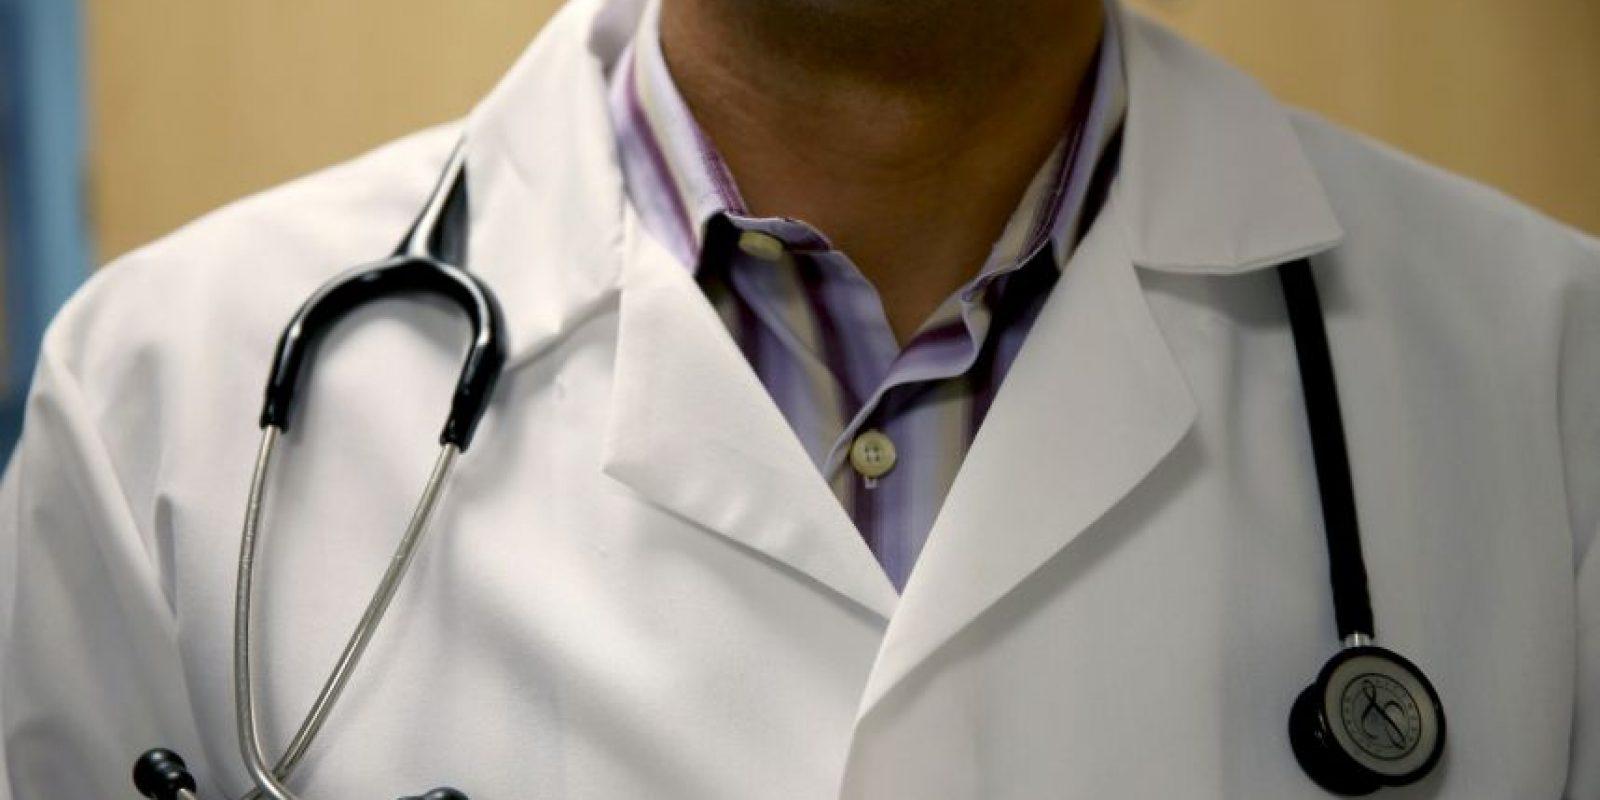 """""""Hay estudios que afirman que hasta un 70% de los pacientes coronarios (infarto, angina de pecho) presentaba disfunción eréctil hasta 39 meses antes de sufrir un evento coronario"""", afirma la doctora Jurado. Foto:Getty Images"""